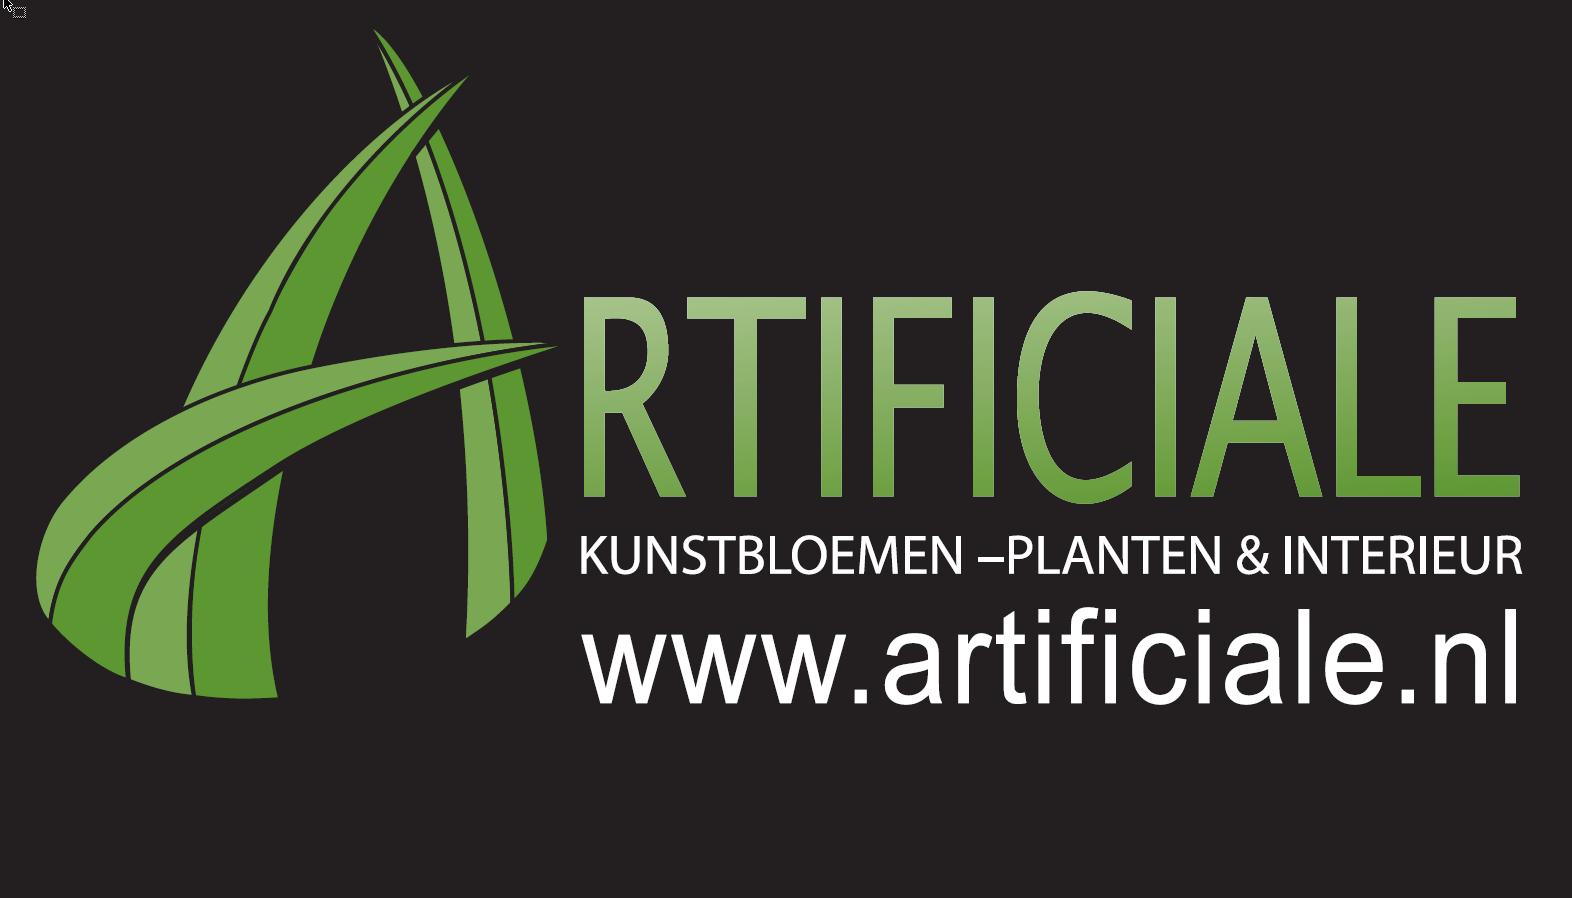 Artificiale Kunstbloemen-planten & Interieur